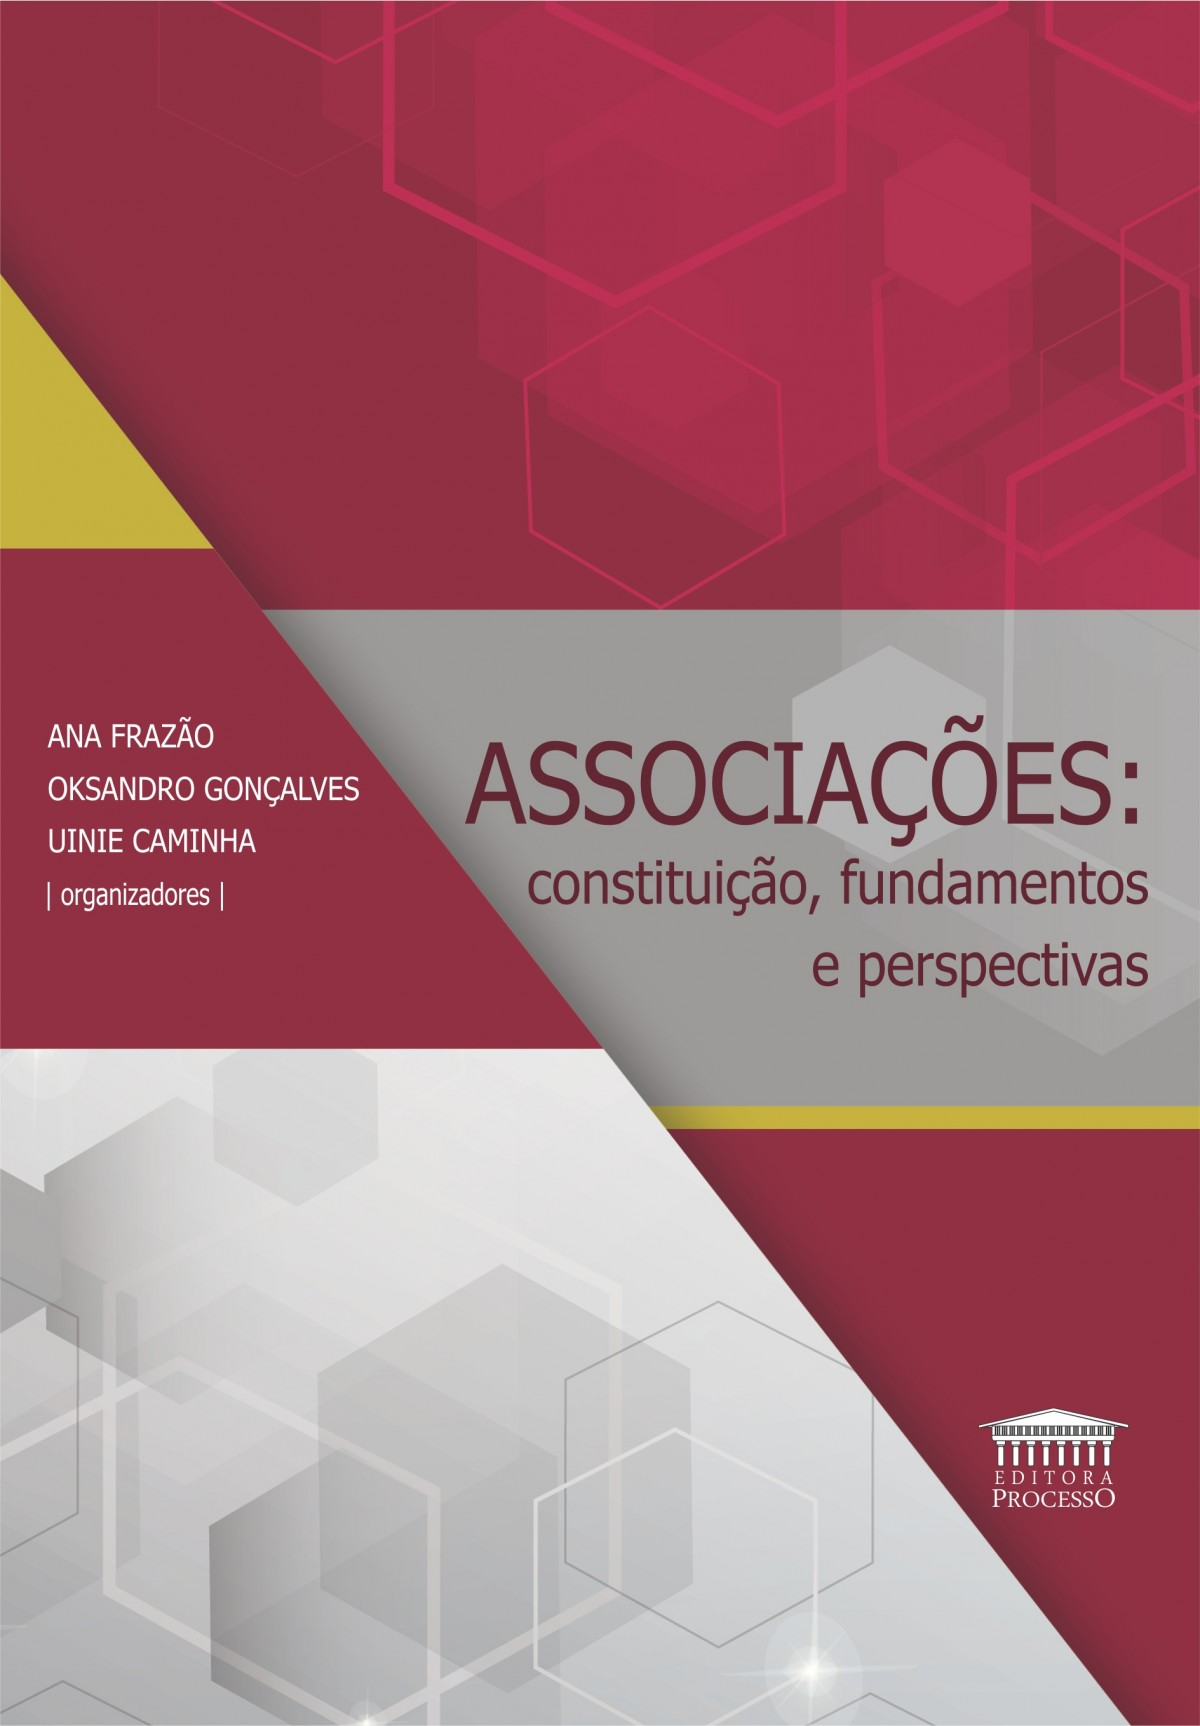 Foto 1 - ASSOCIAÇÕES: Constituição, Fundamentos e Perspectivas